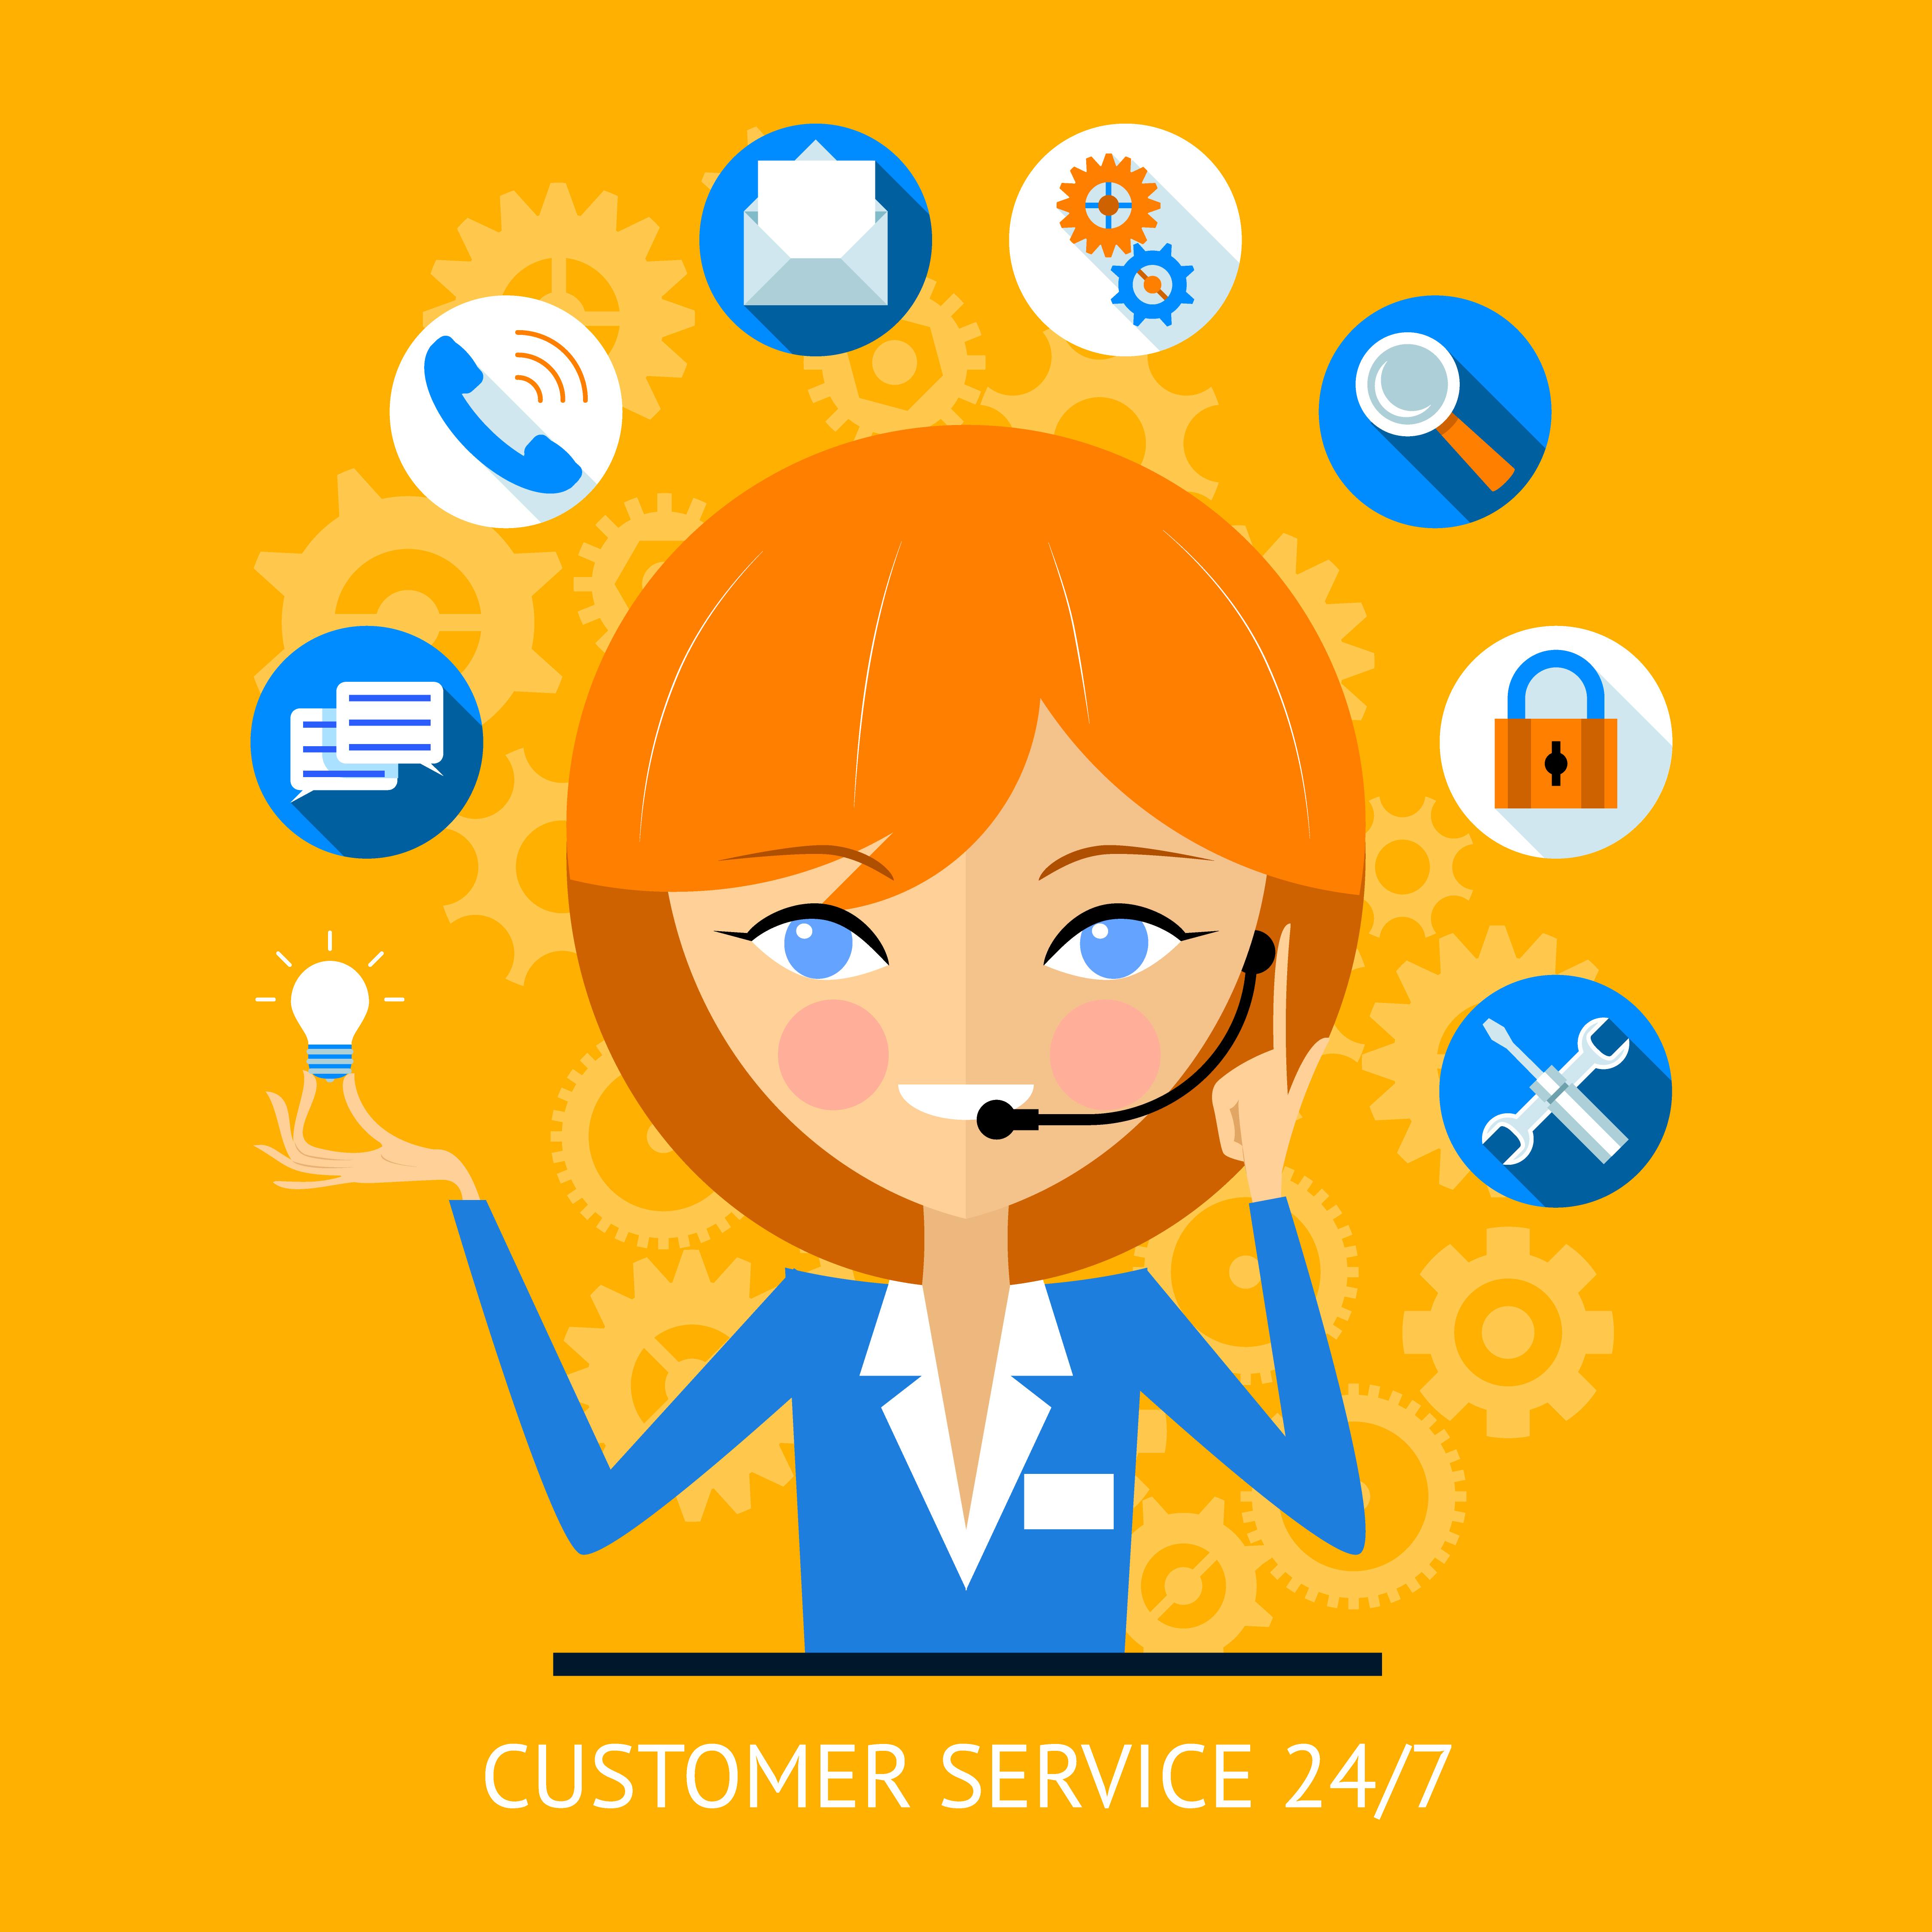 ניהול זמינות במוקד שירות